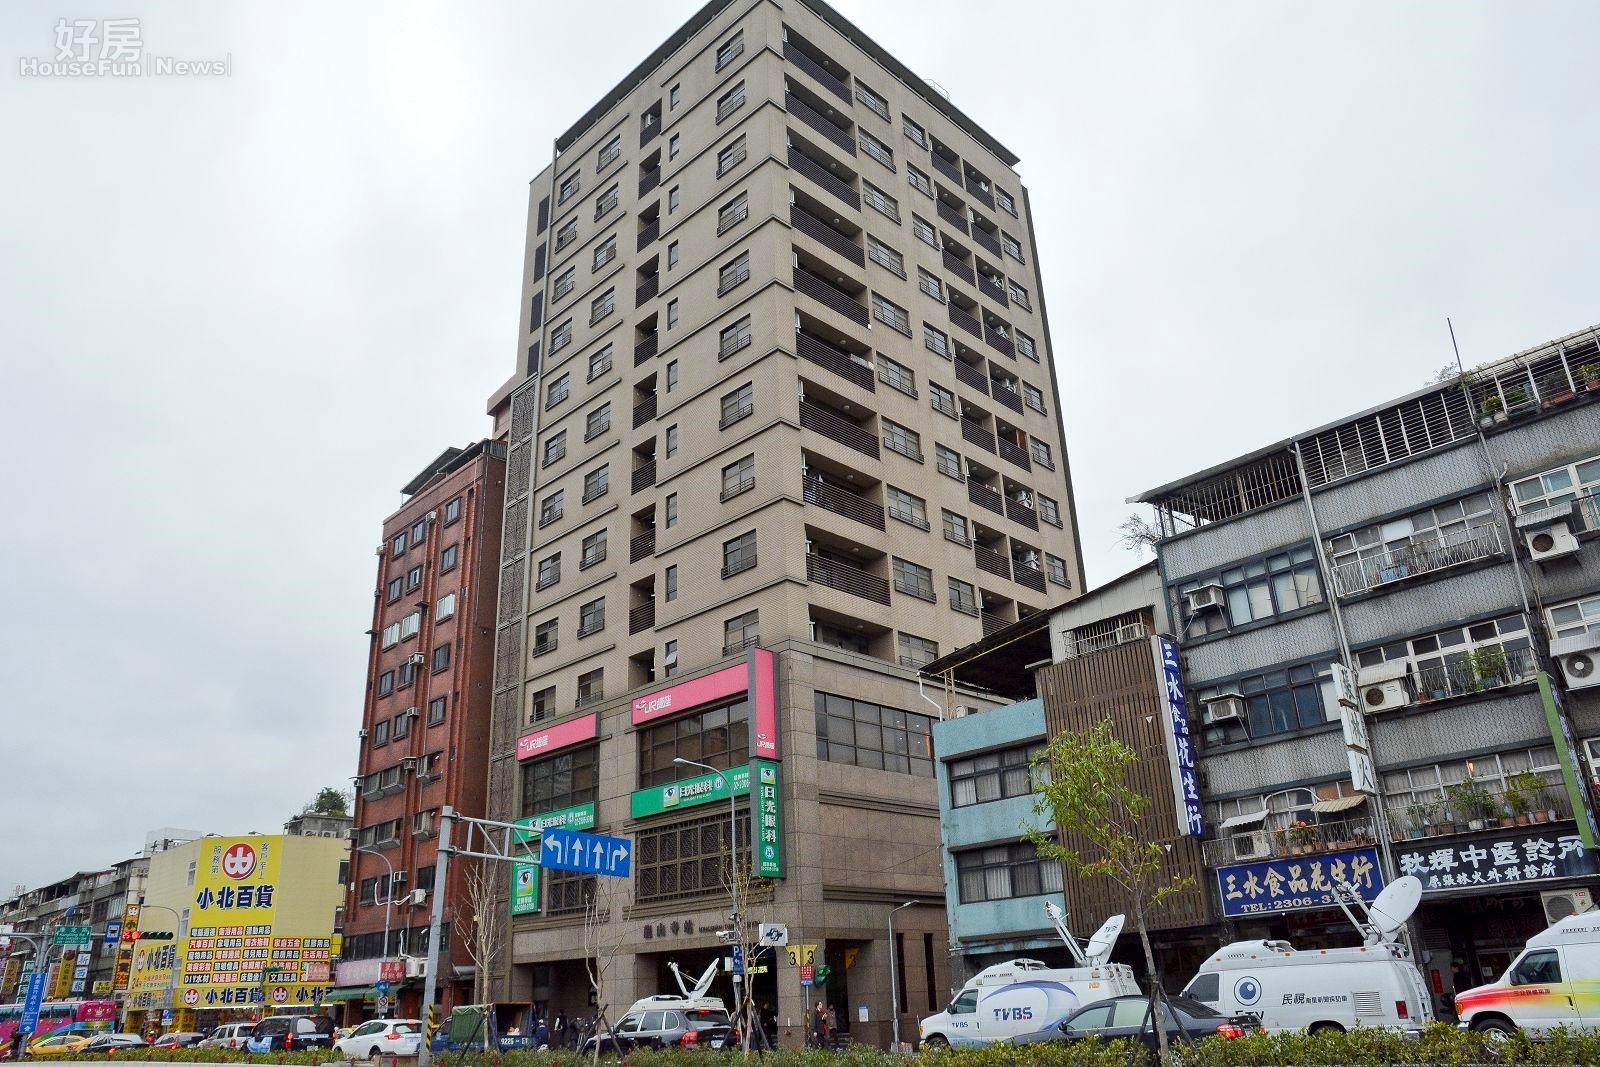 龍山寺的捷運共構宅將成為公共住宅。(好房網News記者 陳韋帆/攝影)